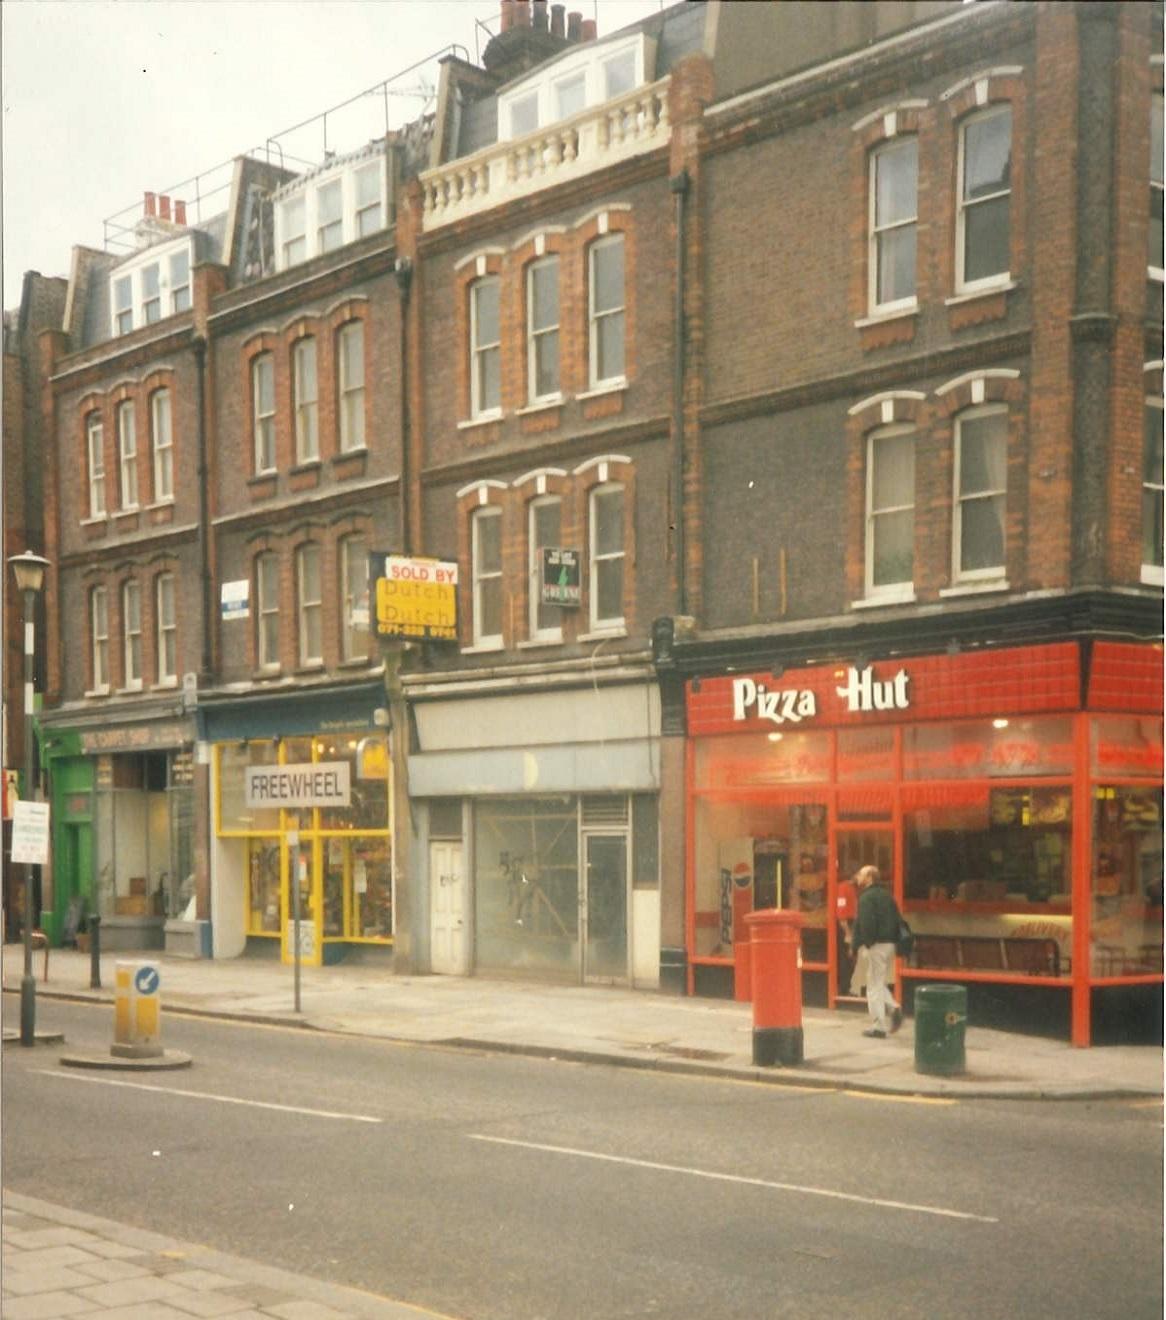 West End Lane Books West Hampstead Bookshop Celebrates 25